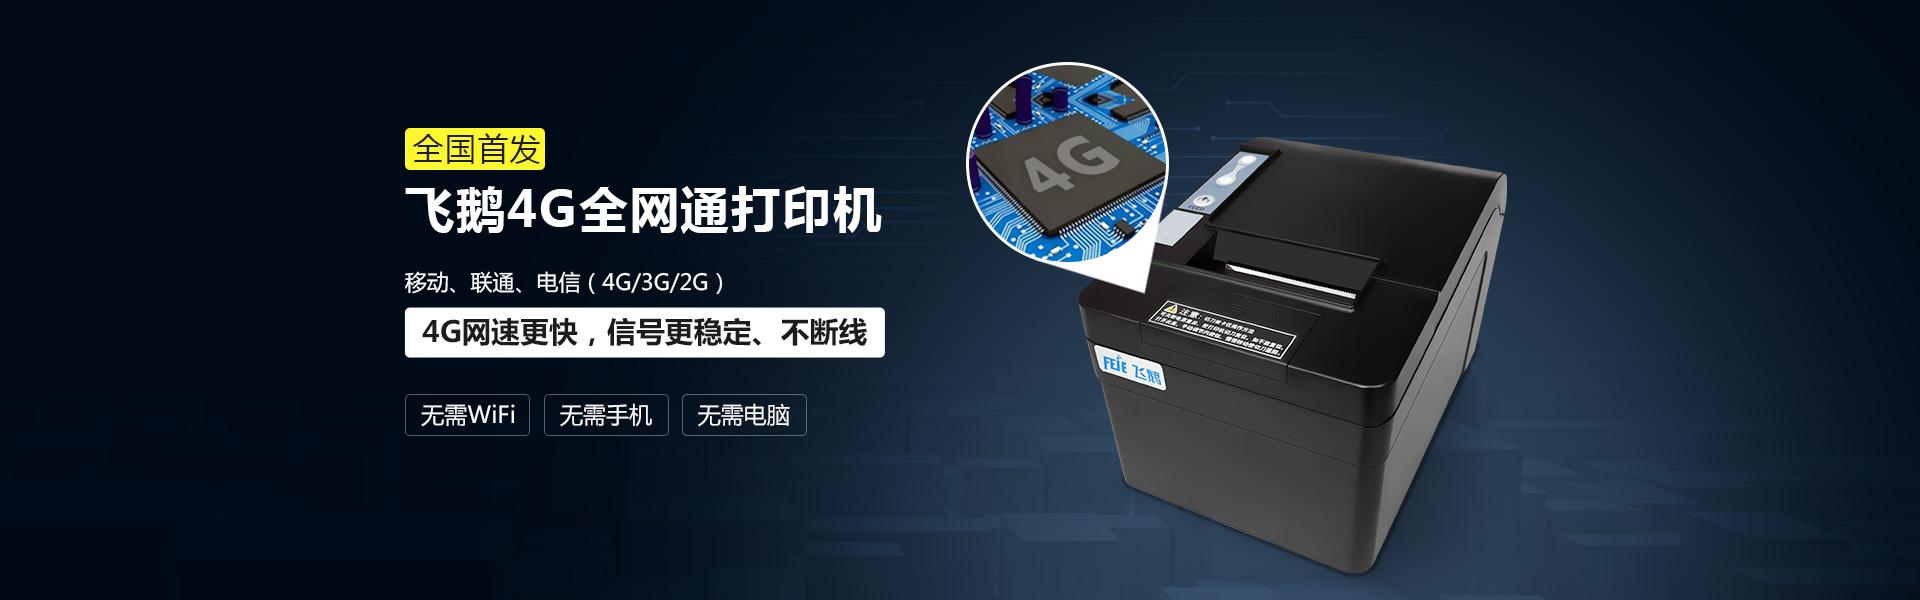 飞鹅-_4G全网通打印机全国首发_-